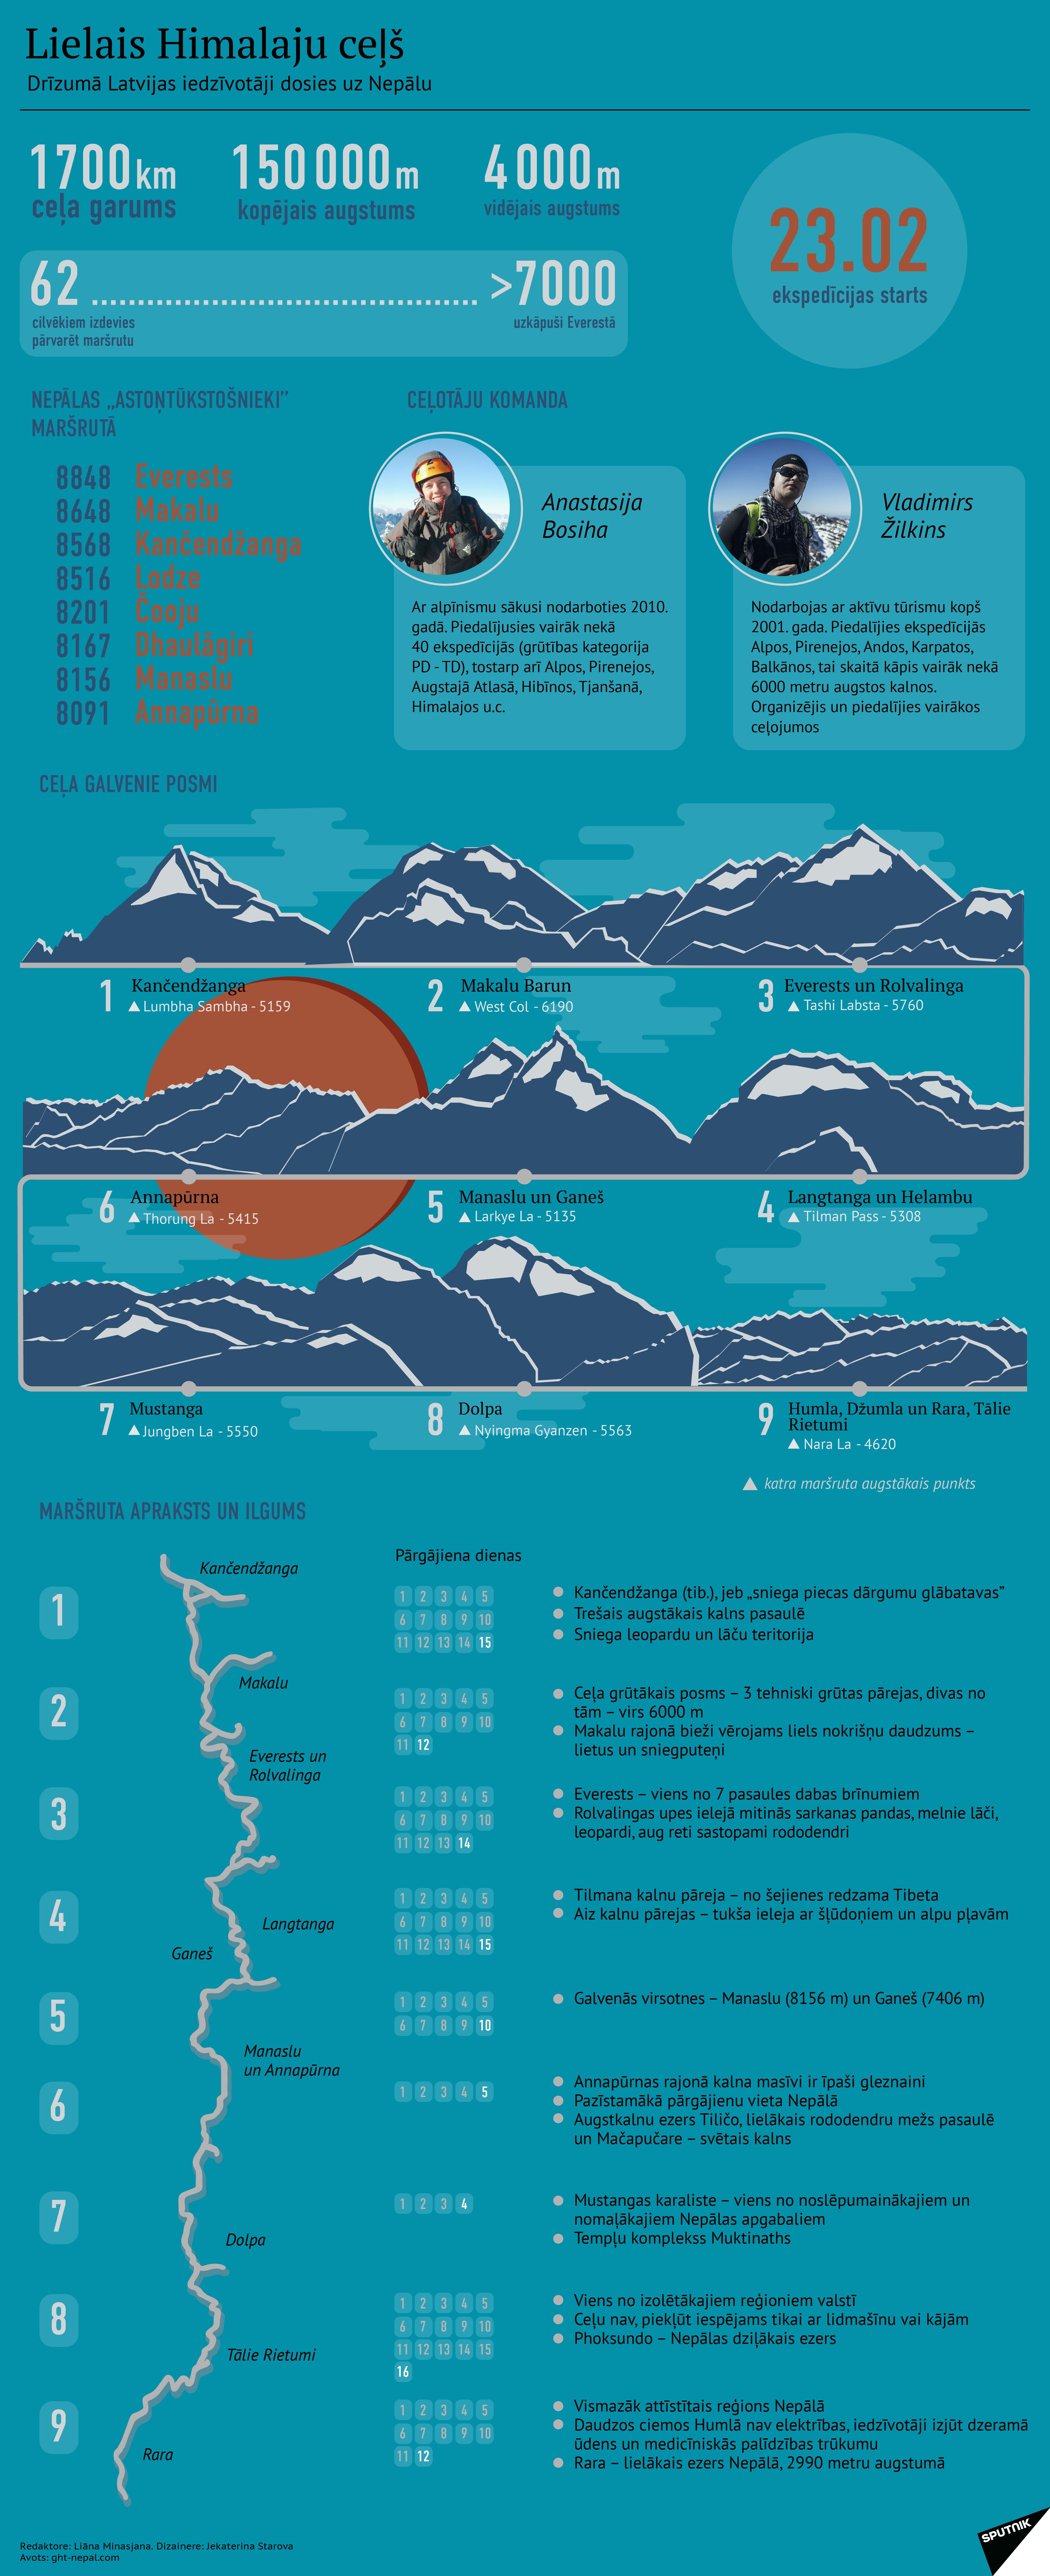 Lielais Himalaju ceļš